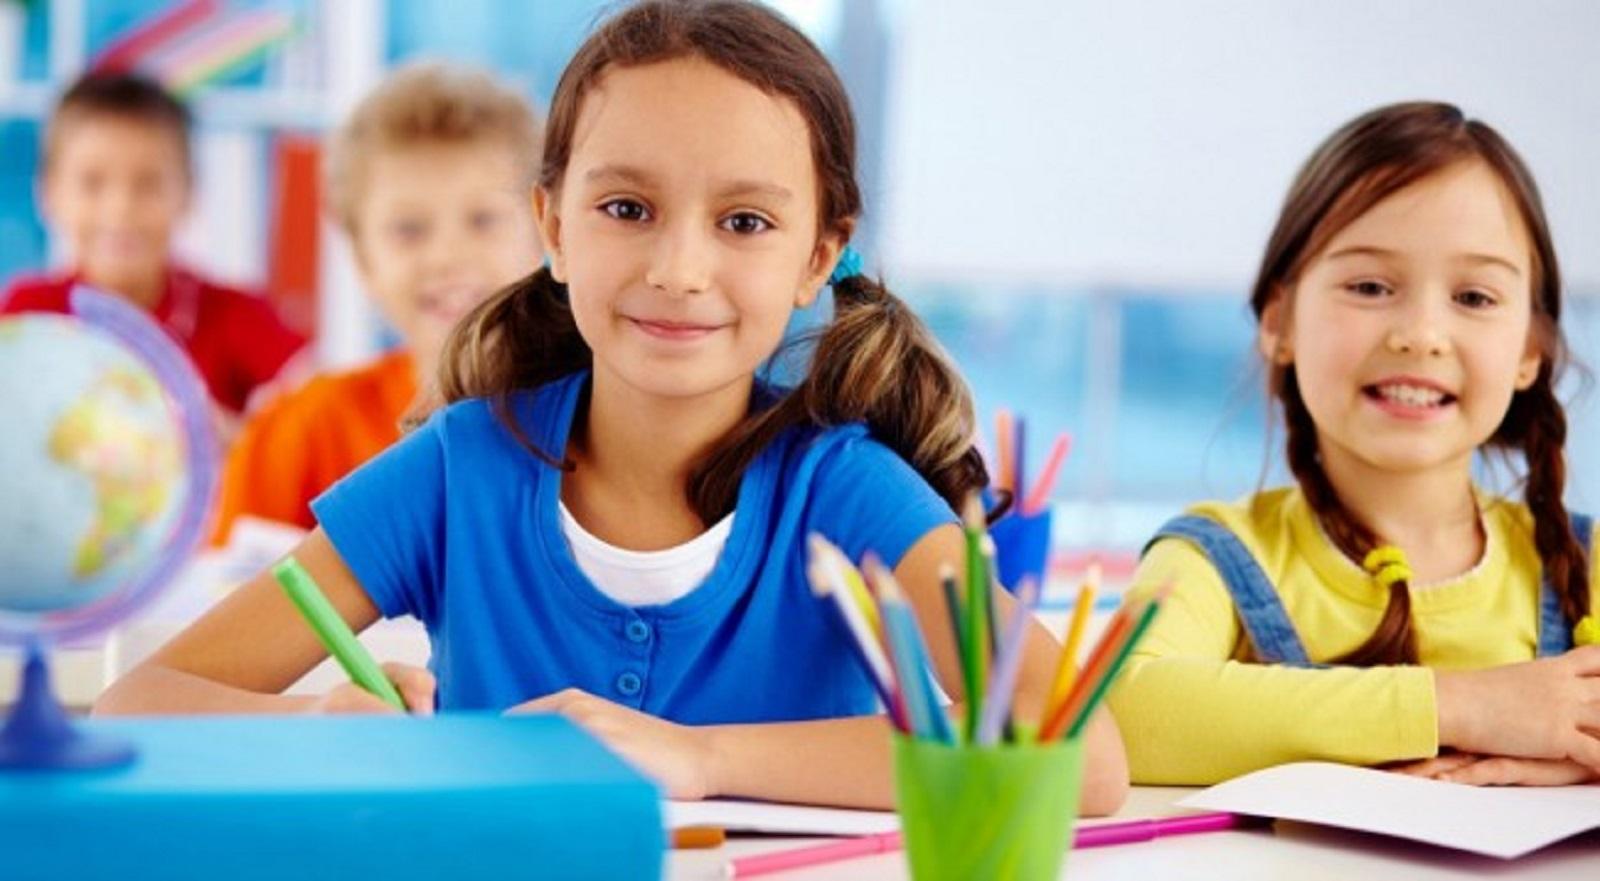 36 Ιδέες για να βοηθήσετε το παιδί να μελετά σωστά στο σχολείο και στο σπίτι